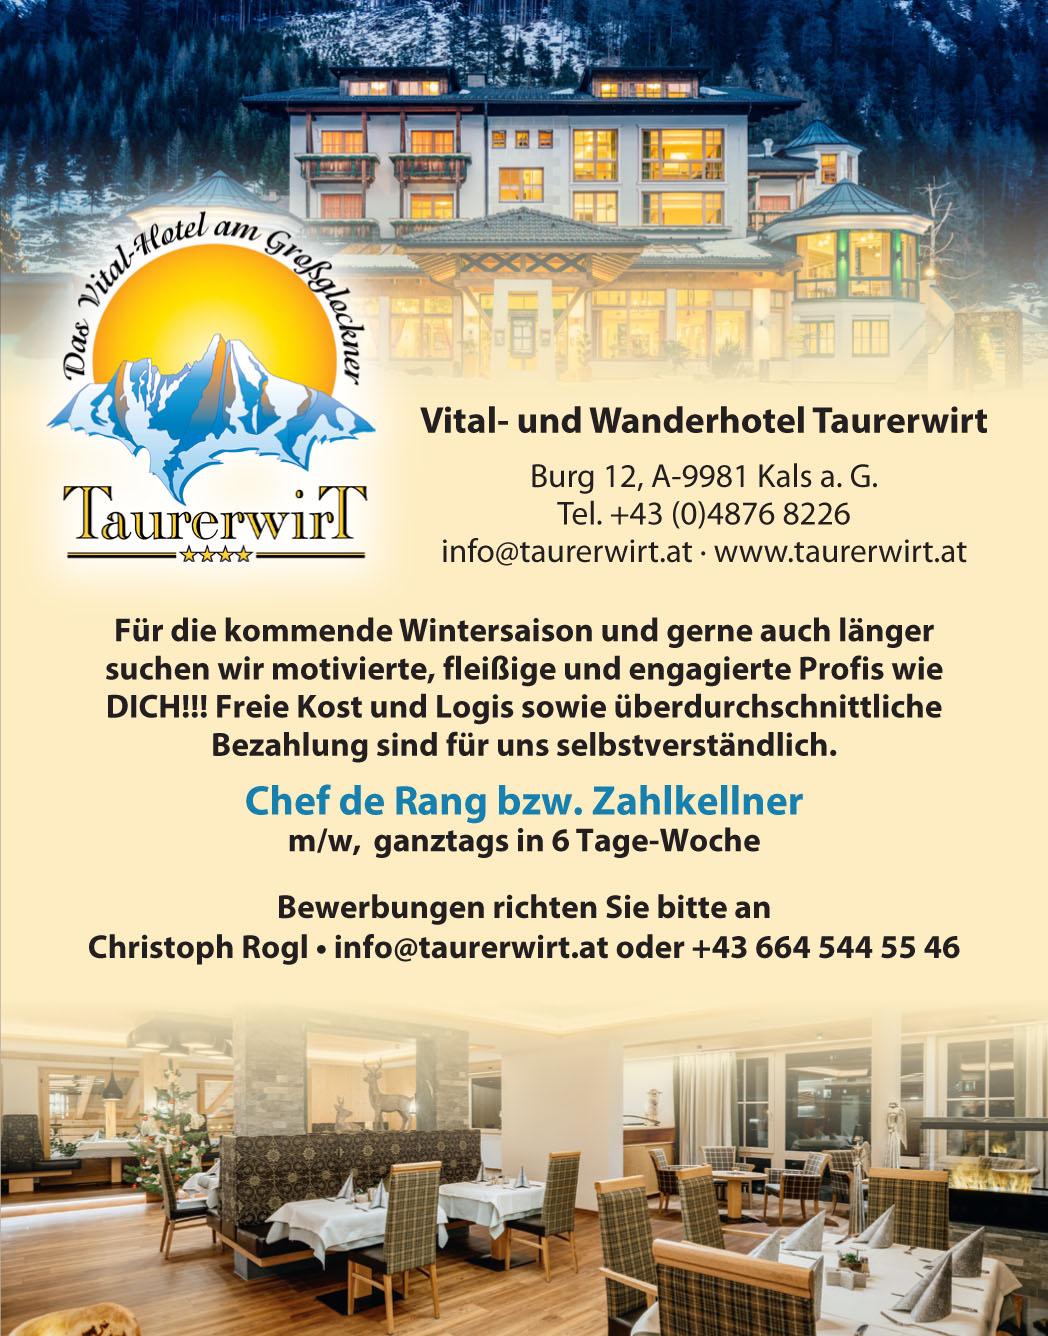 Taurerwirt Kals vom 2.11. bis 15.11.2018